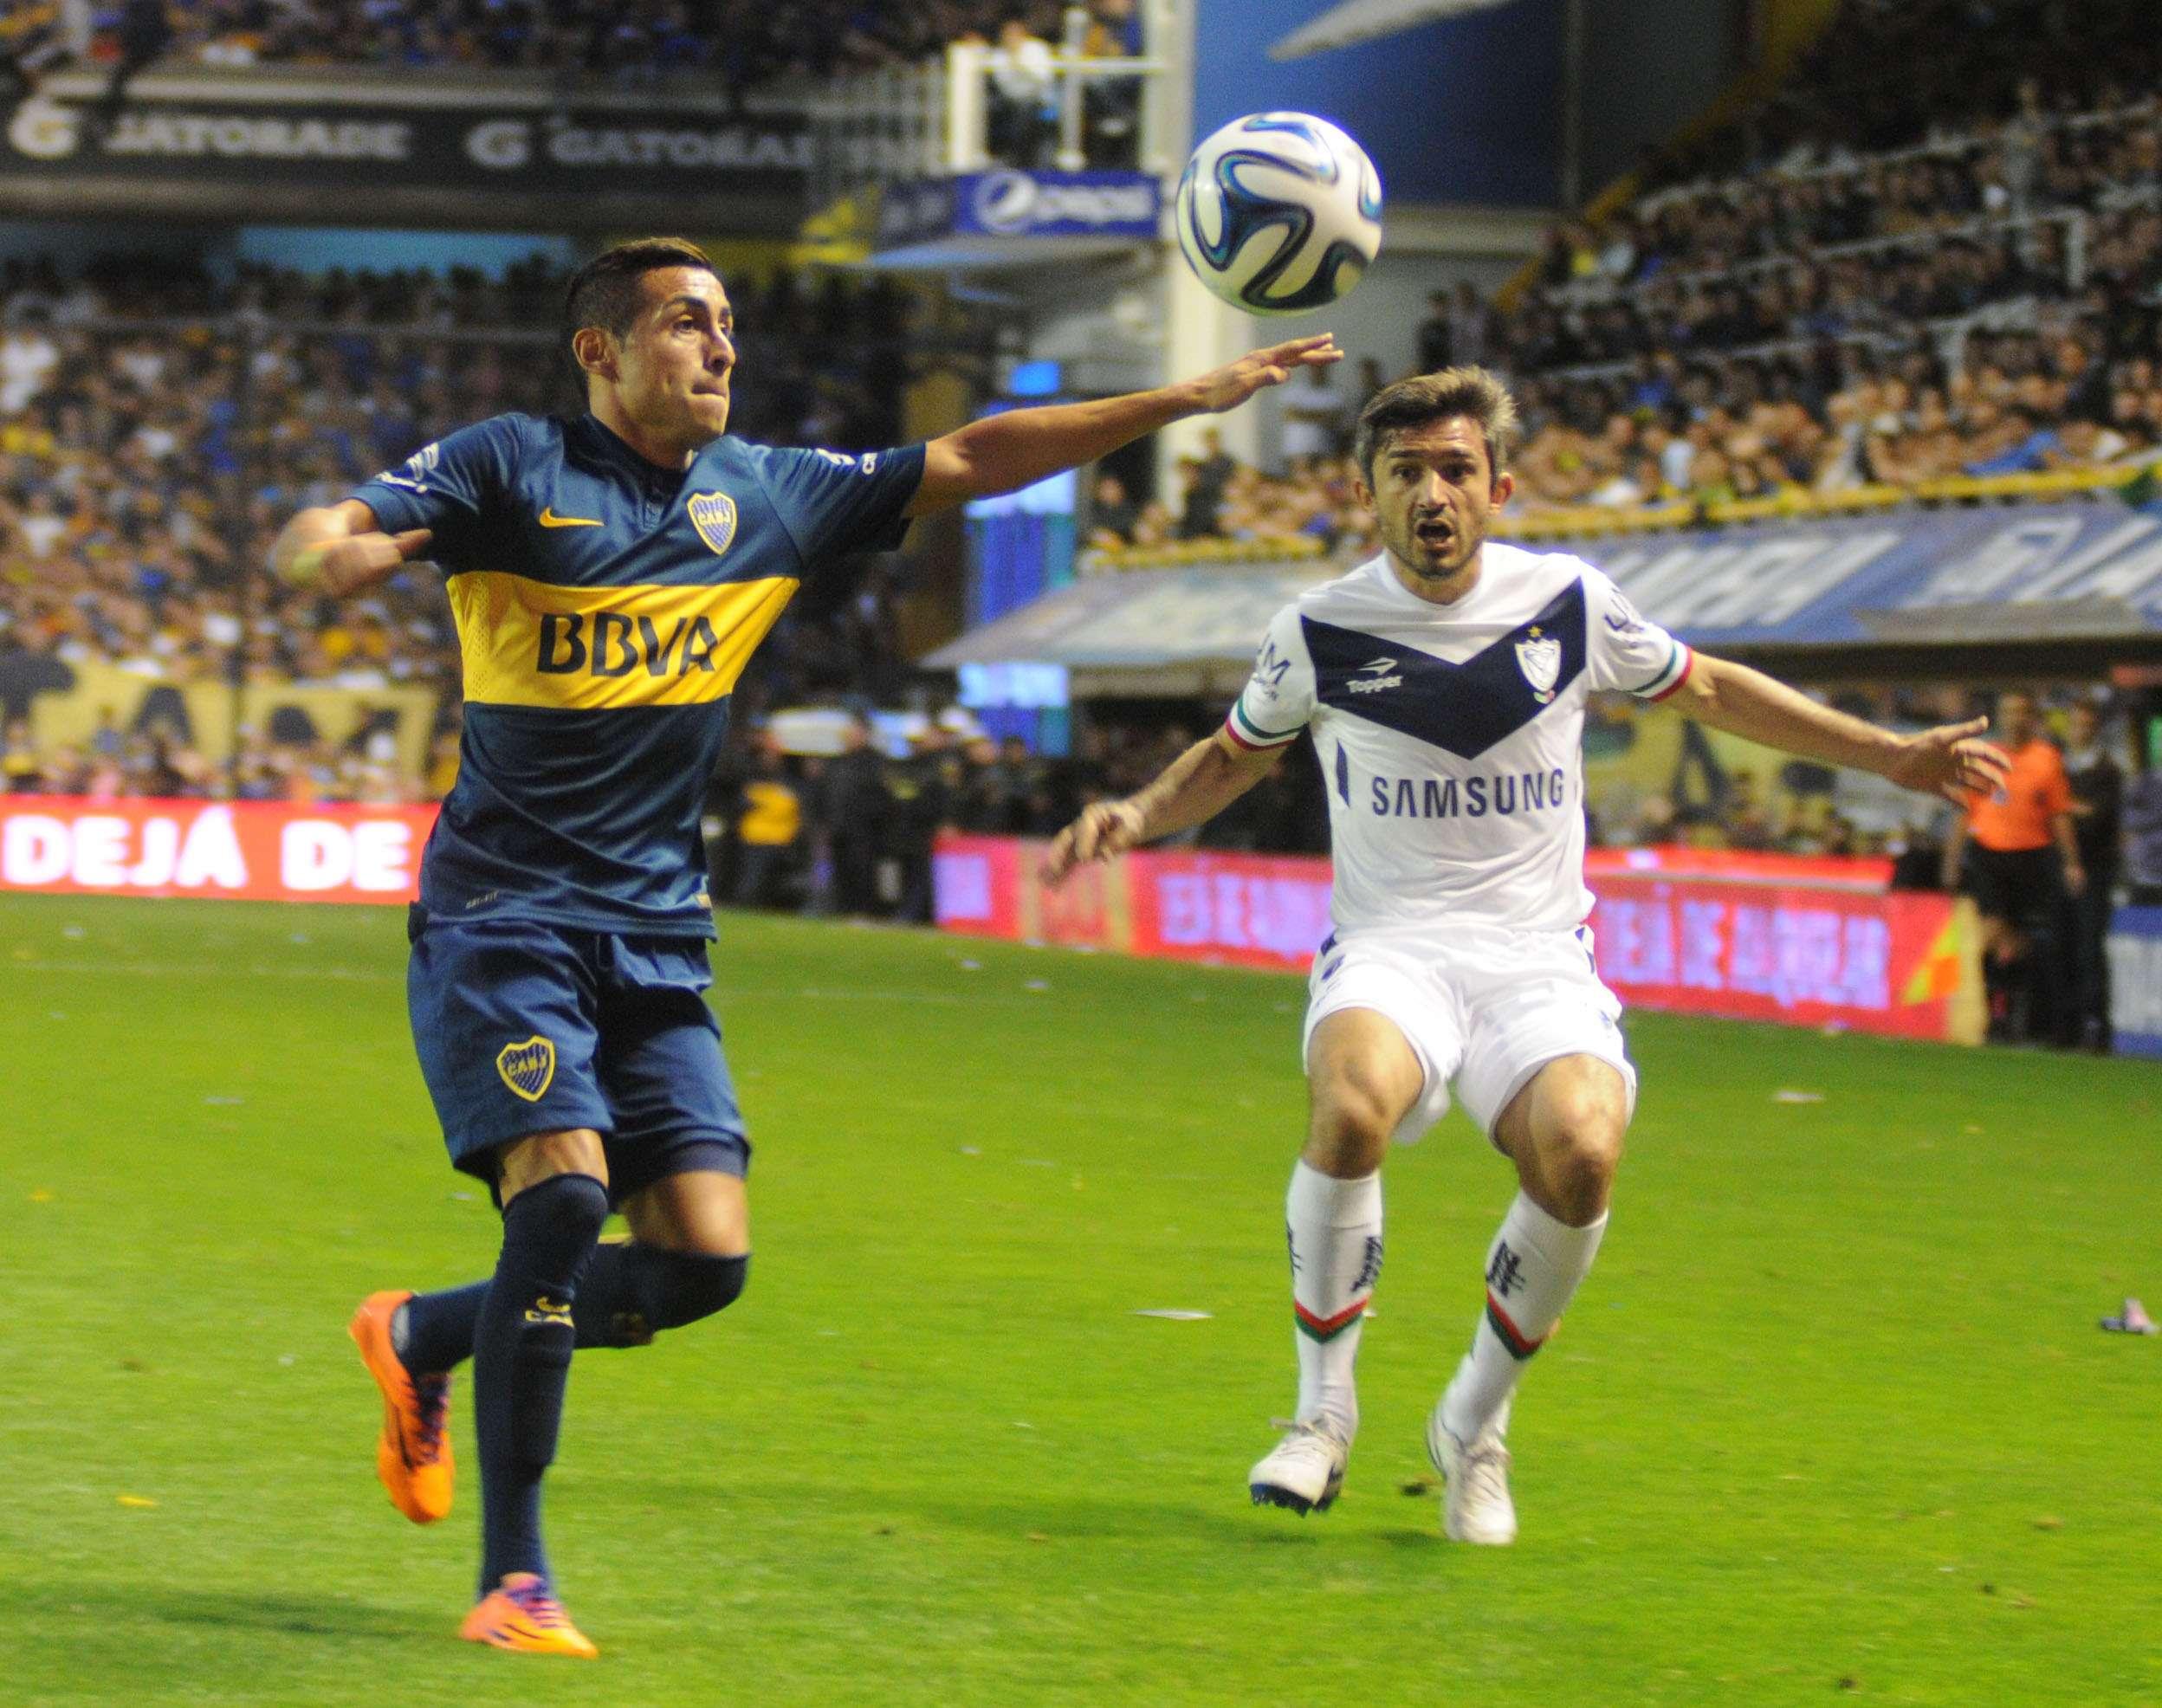 Boca y Vélez, por un lugar en la Copa Libertadores Foto: Noticias Argentinas